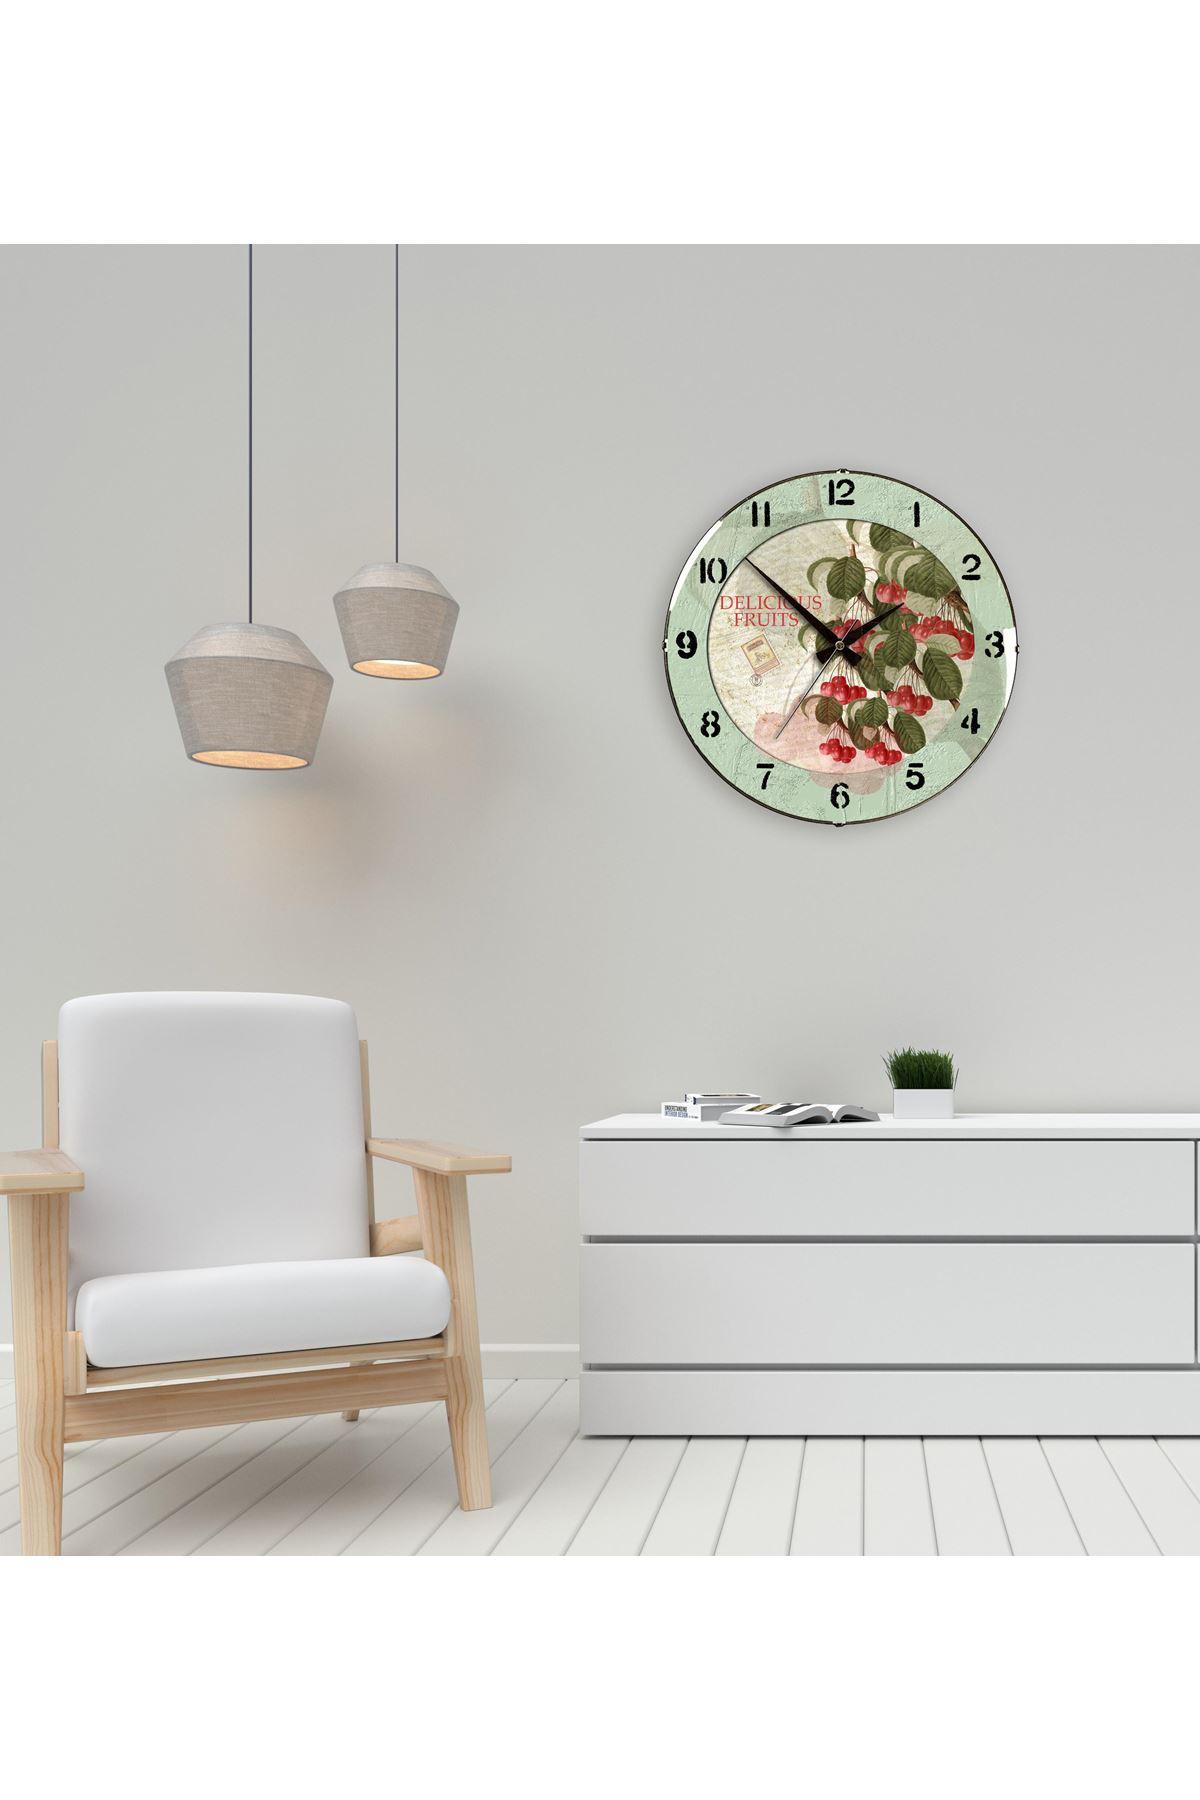 Rikon Mutfak Vişne Dekoratif Bombe Camlı Duvar Saati 35X35 Cm